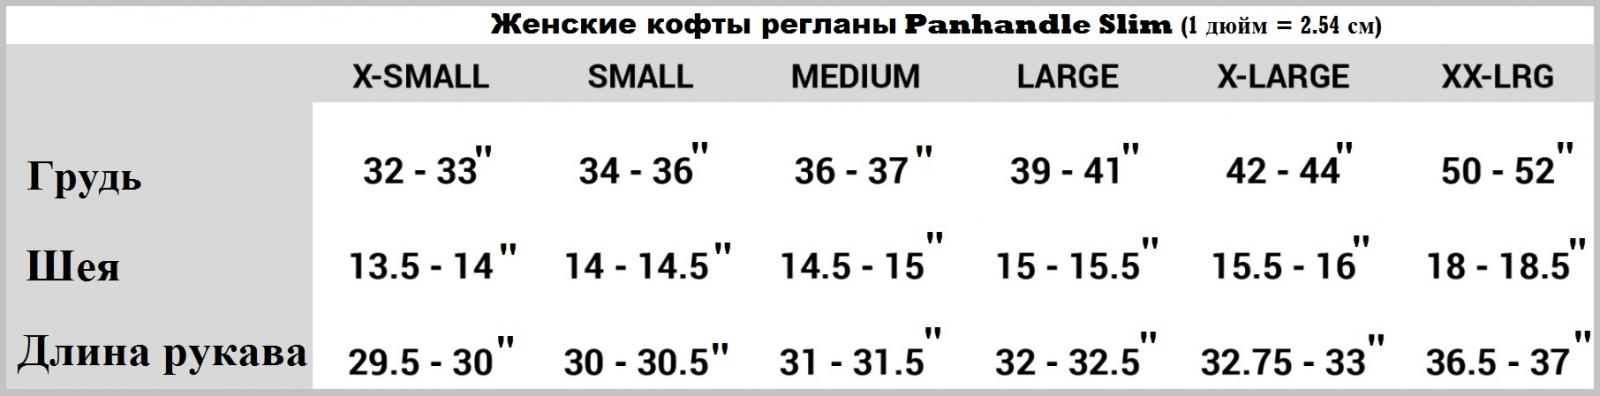 Женский реглан Panhandle Slim